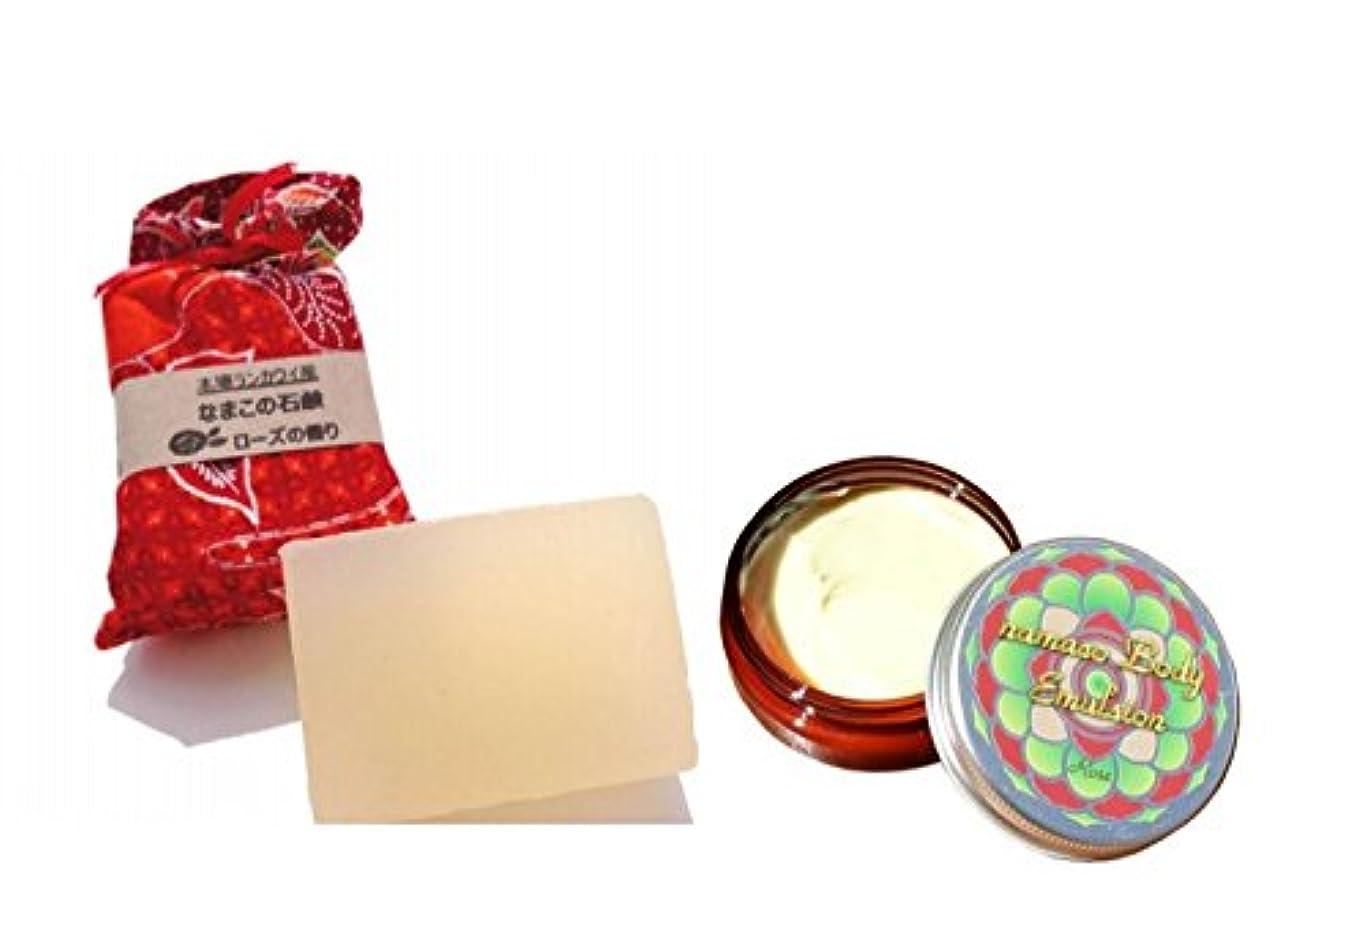 類似性残りアプライアンスなまこローズセット なまこ石鹸90g+なまこBODYエマルジョン50g(なまこクリーム)